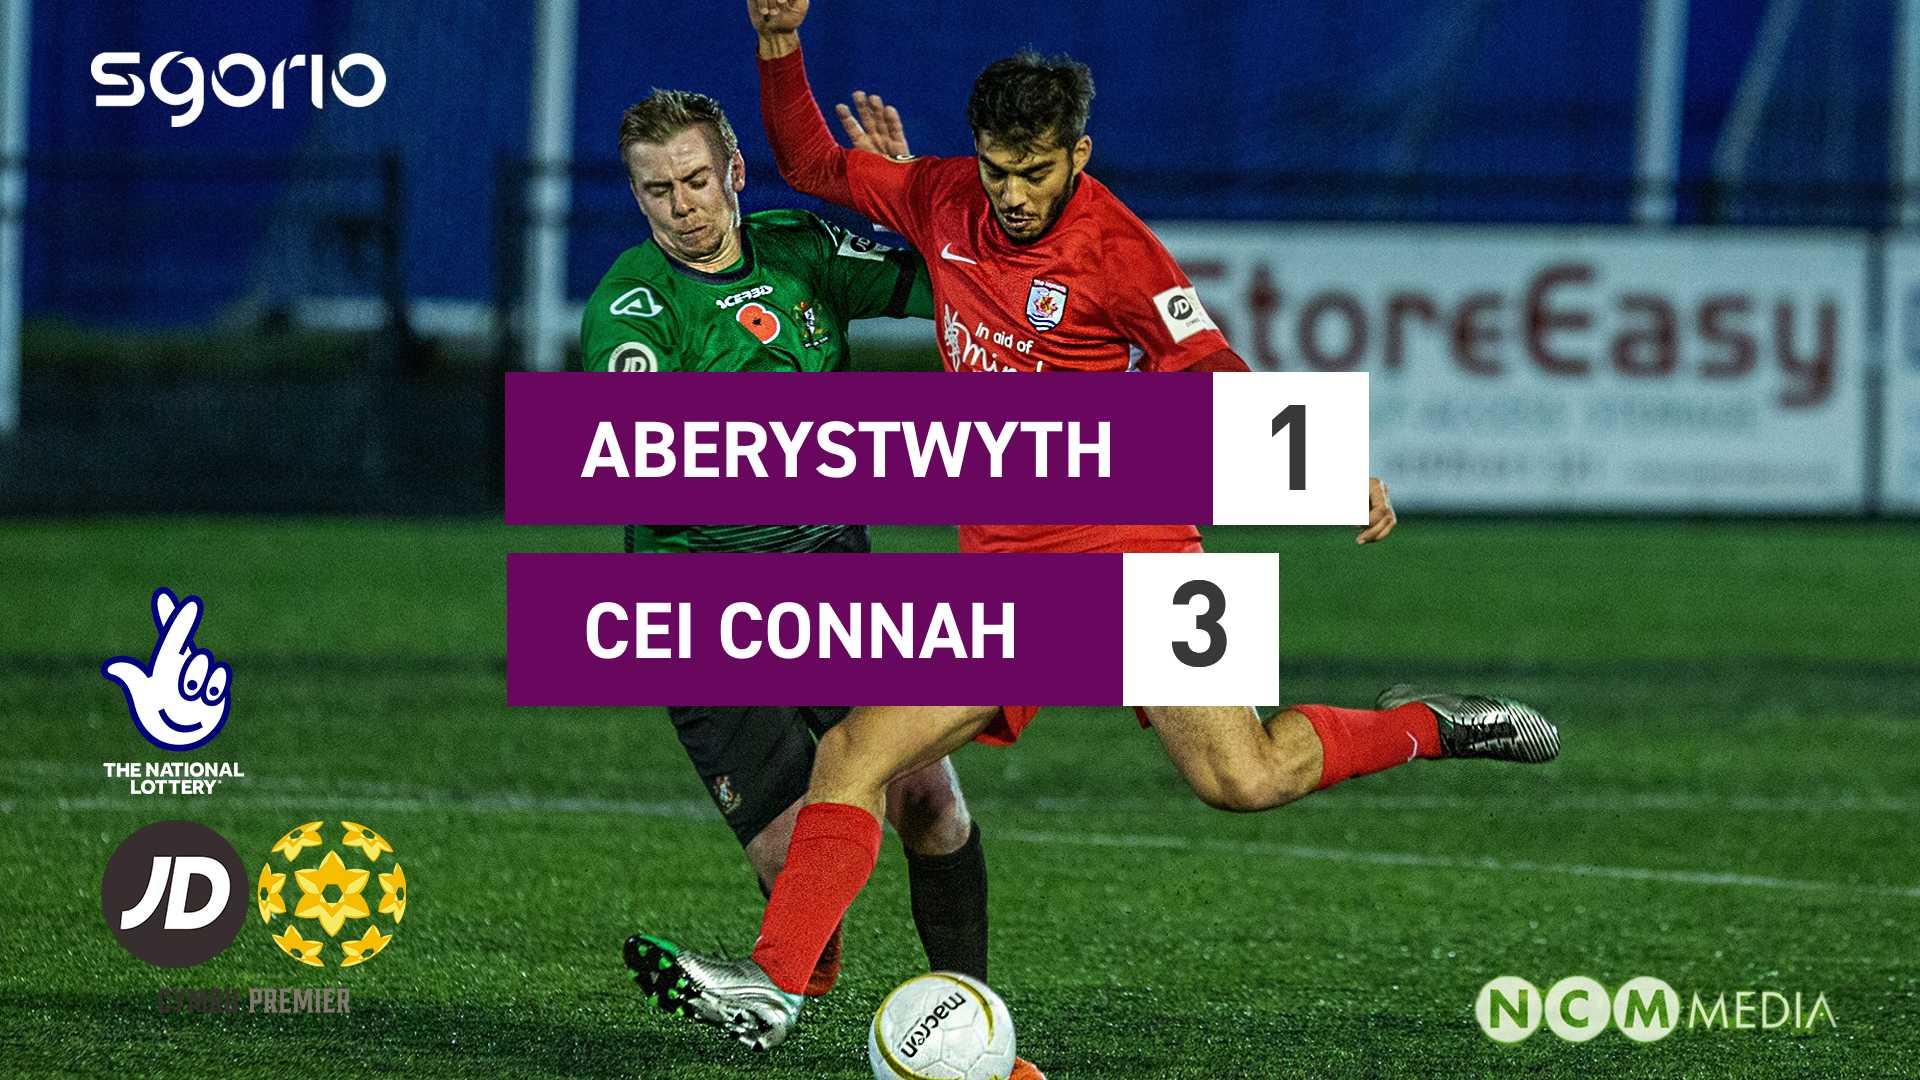 Aberystwyth 1-3 Cei Connah